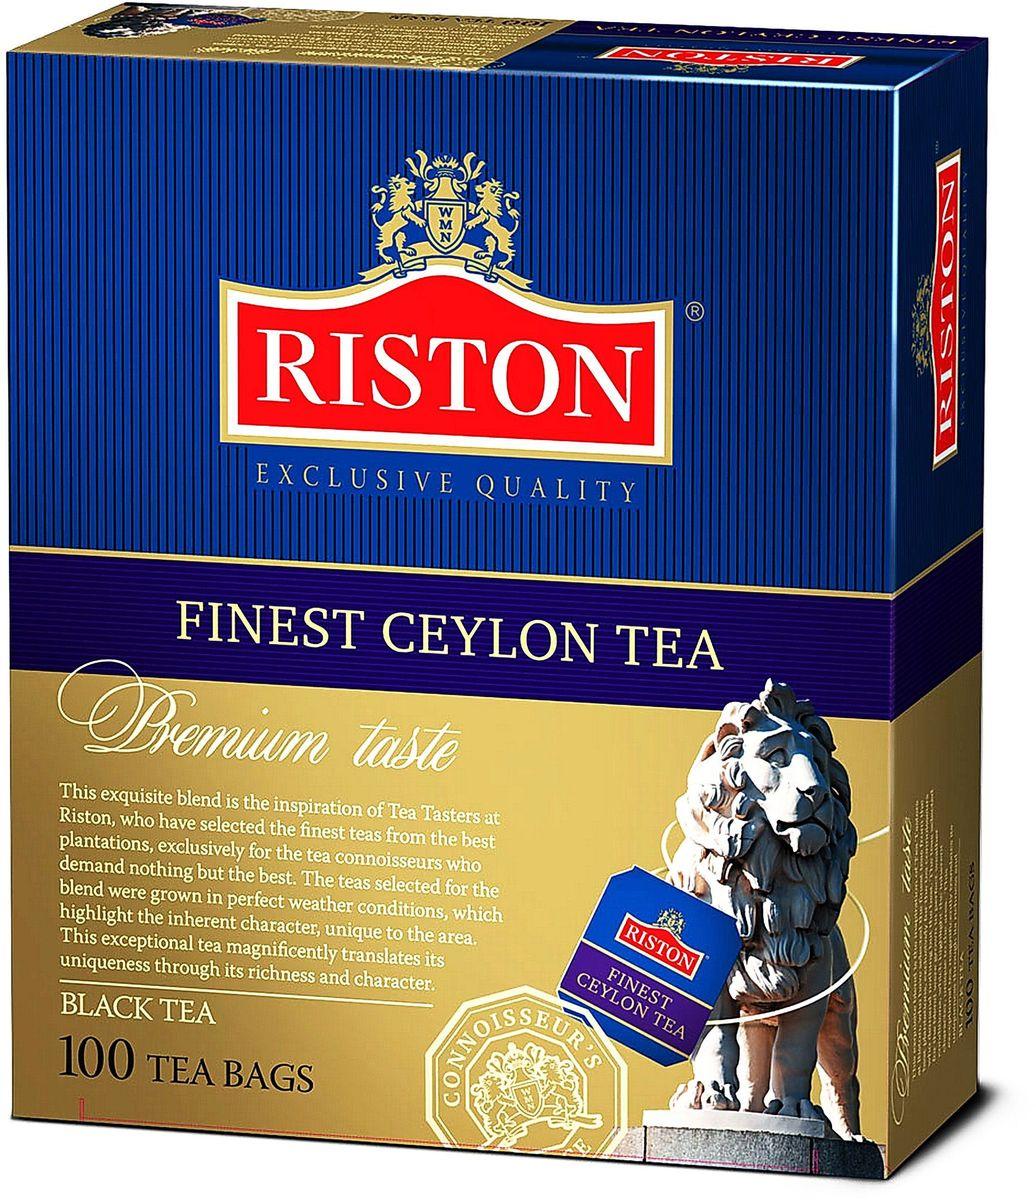 Riston Файнест Цейлон черный чай в пакетиках, 100 шт101246Черный чай Riston Файнест Цейлон с классическим вкусом и богатым насыщенным ароматом, собранный на горных плантациях Димбулы (Цейлон), согревает наши мысли и дарит удивительное настроение на весь день. Оставляет долгое, необыкновенно приятное послевкусие. Стандарт BOPF.